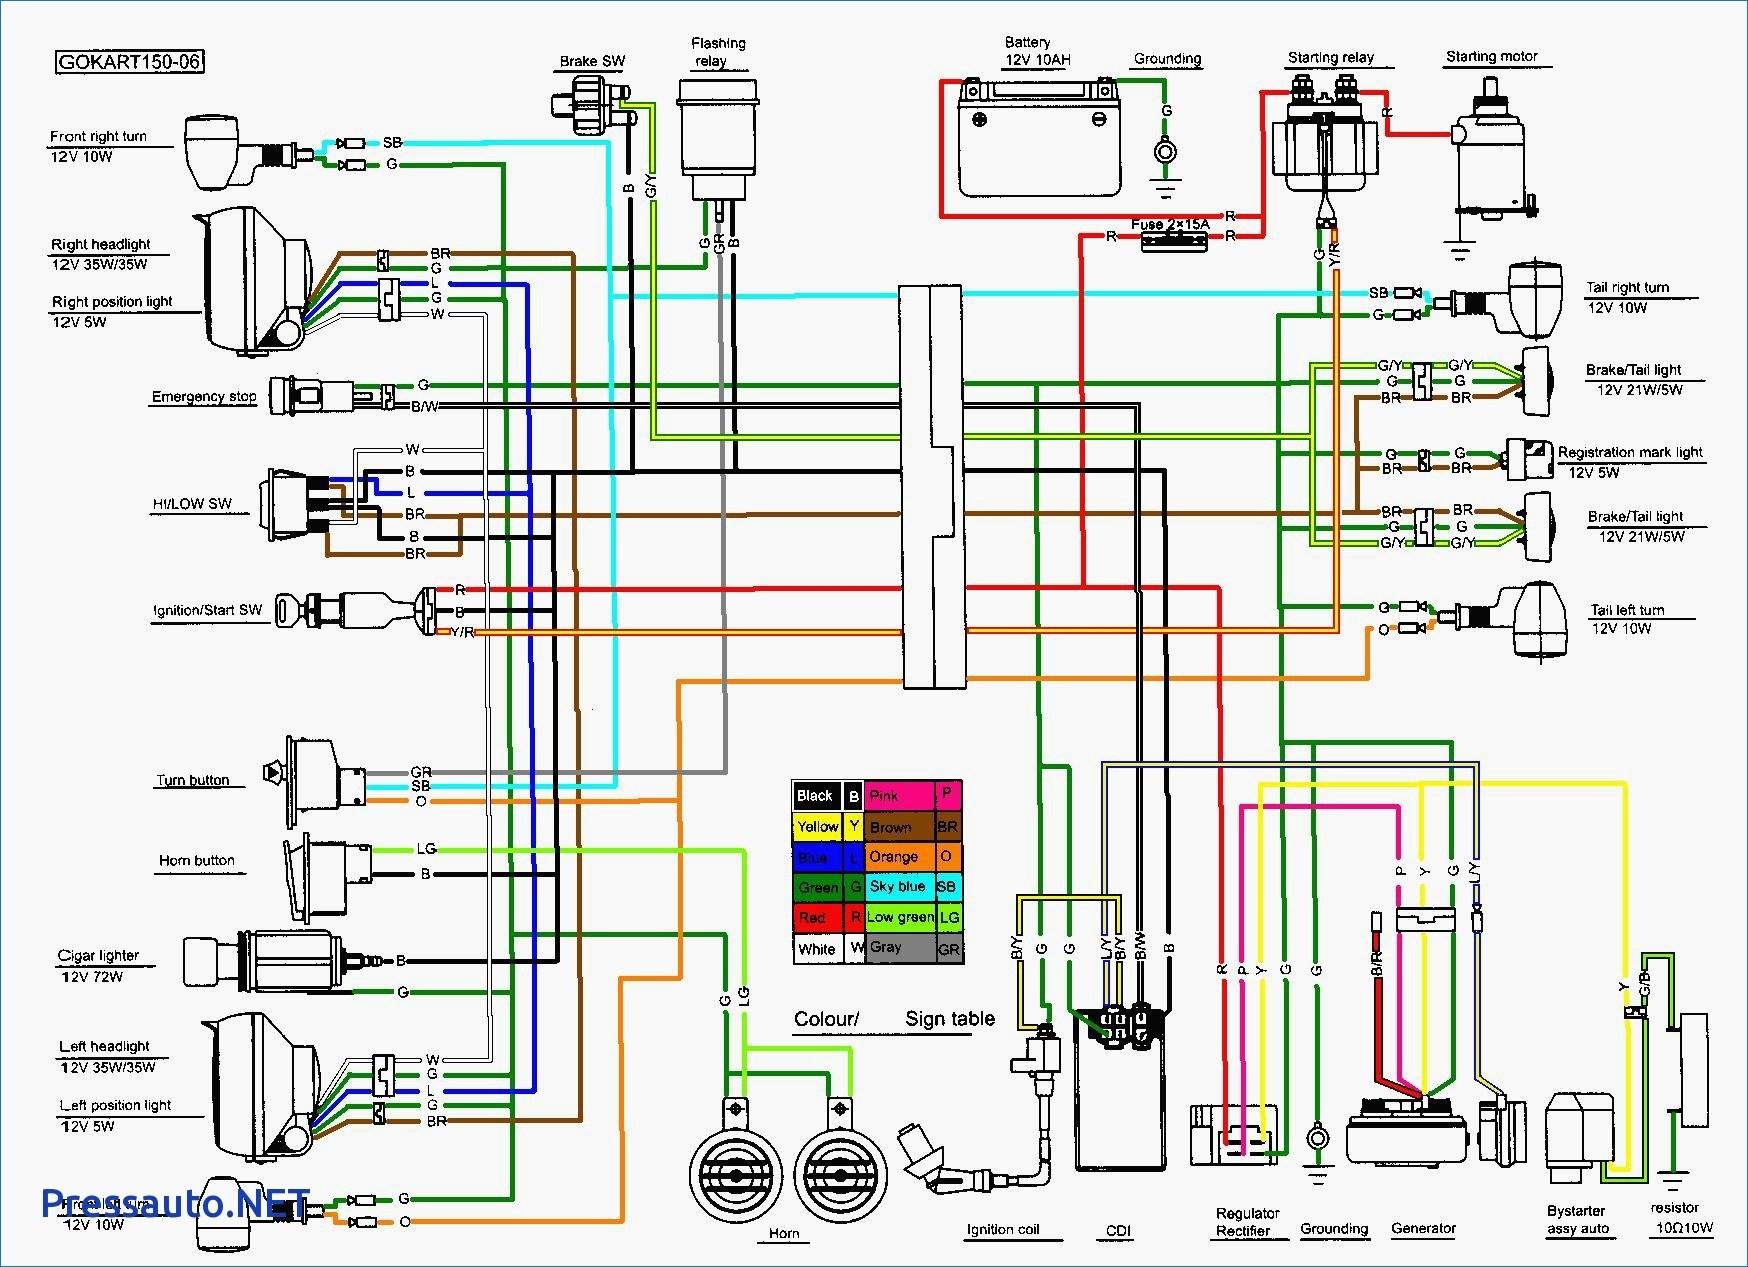 Tao Tao 110 Atv Wiring - Wiring Diagram Detailed - Taotao 125 Atv Wiring Diagram